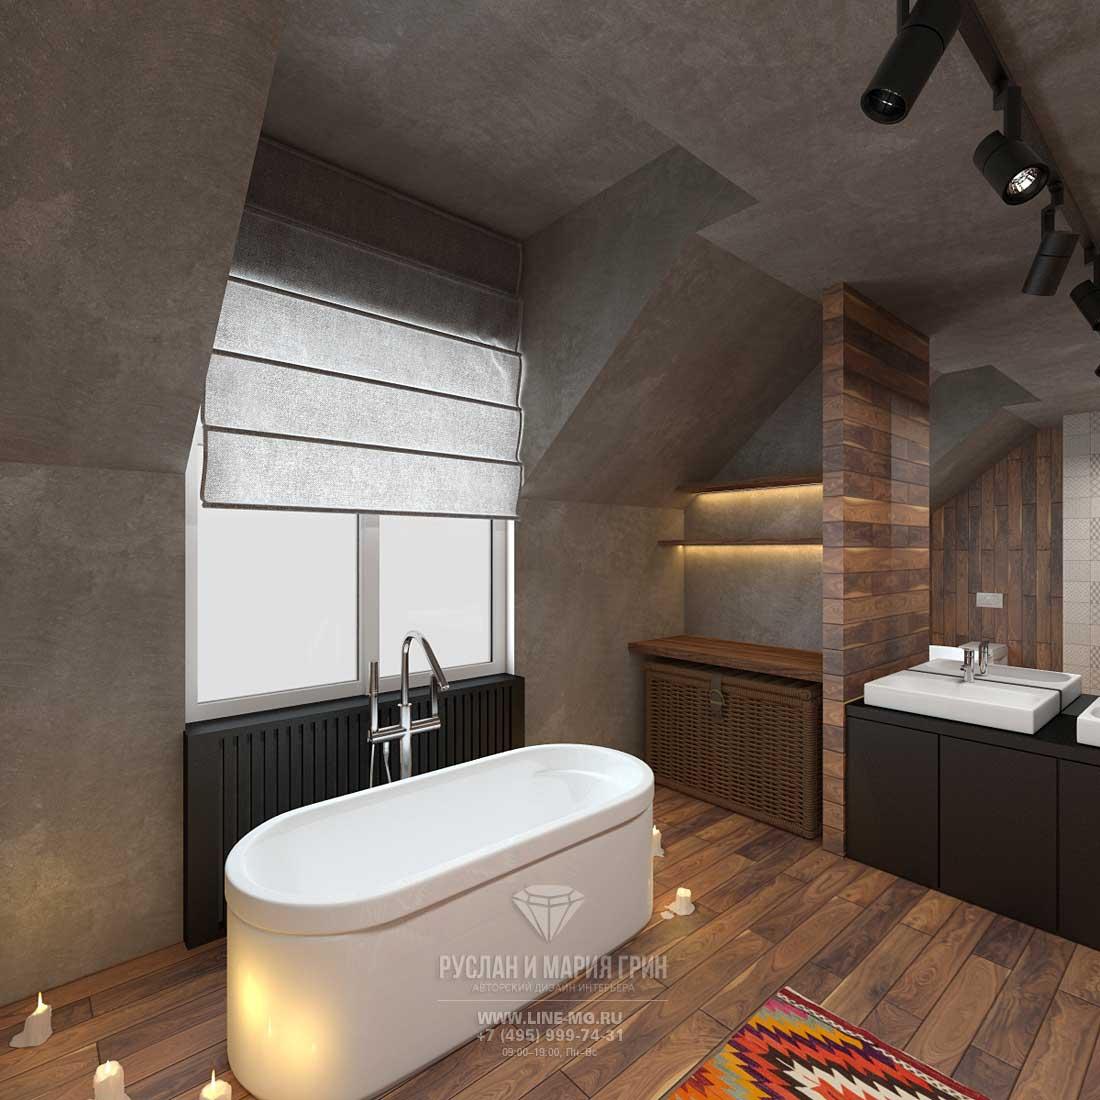 Дизайн ванной в загородном доме в стиле лофт